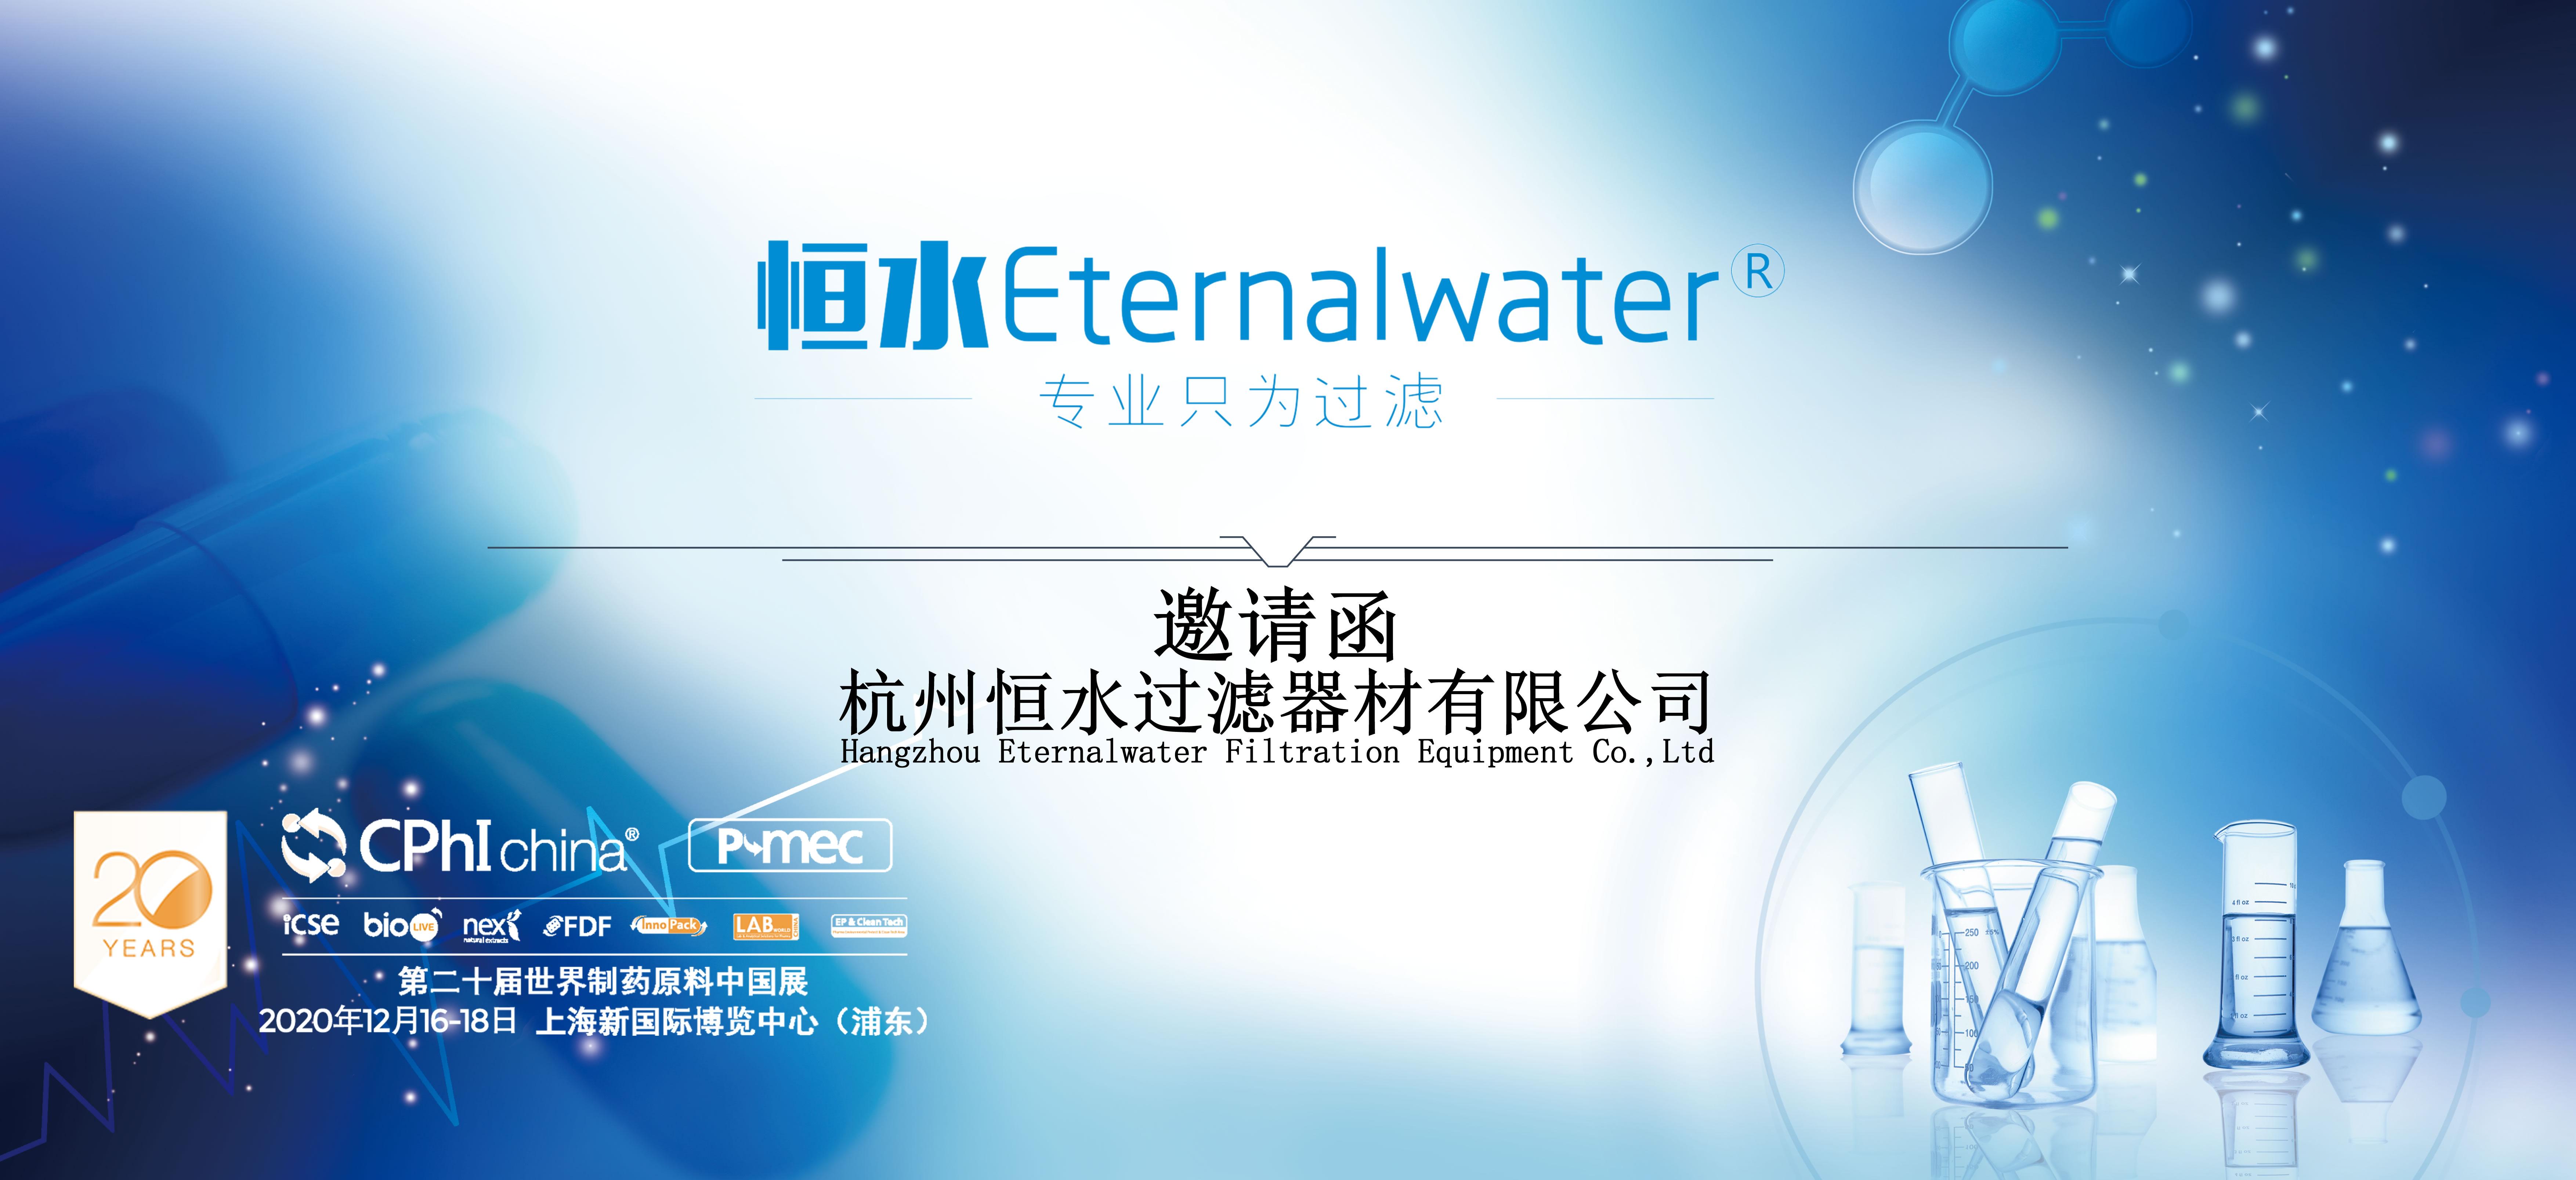 恒水过滤 | P-MEC China 2020